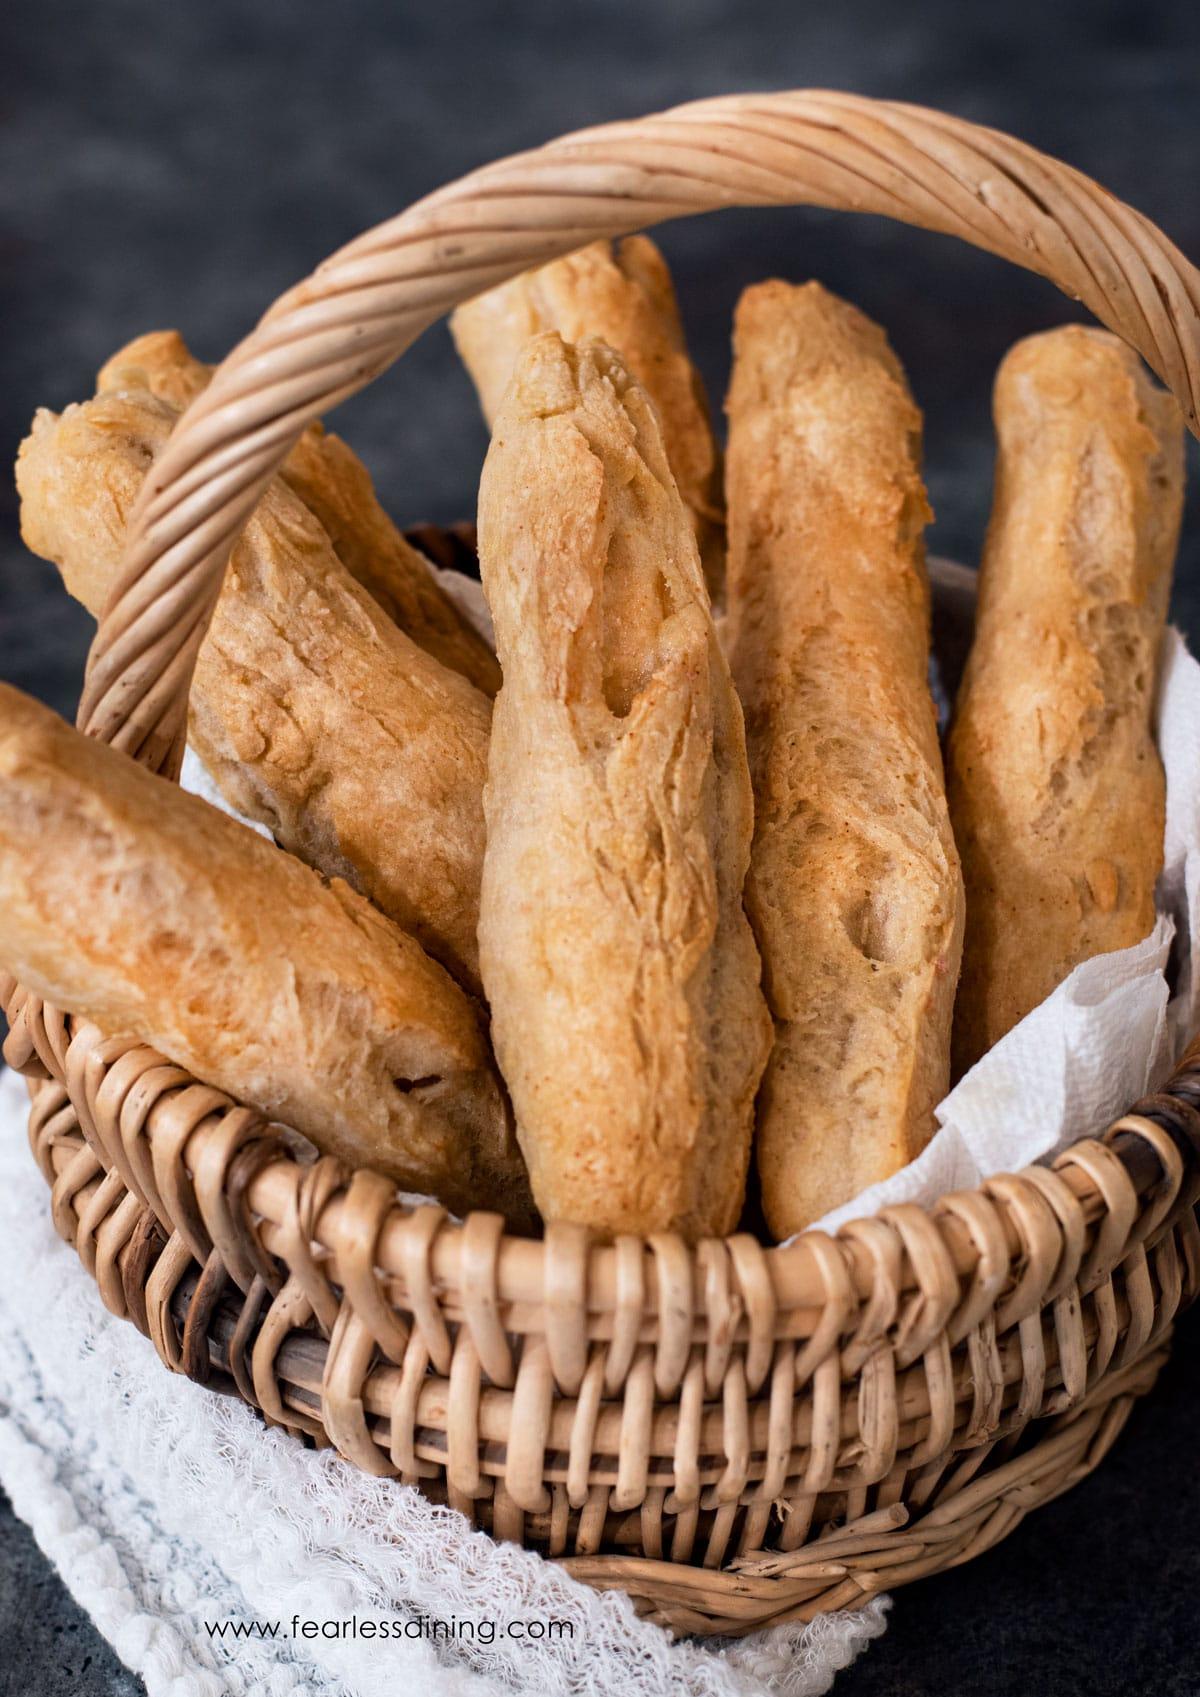 a basket of gluten free breadsticks